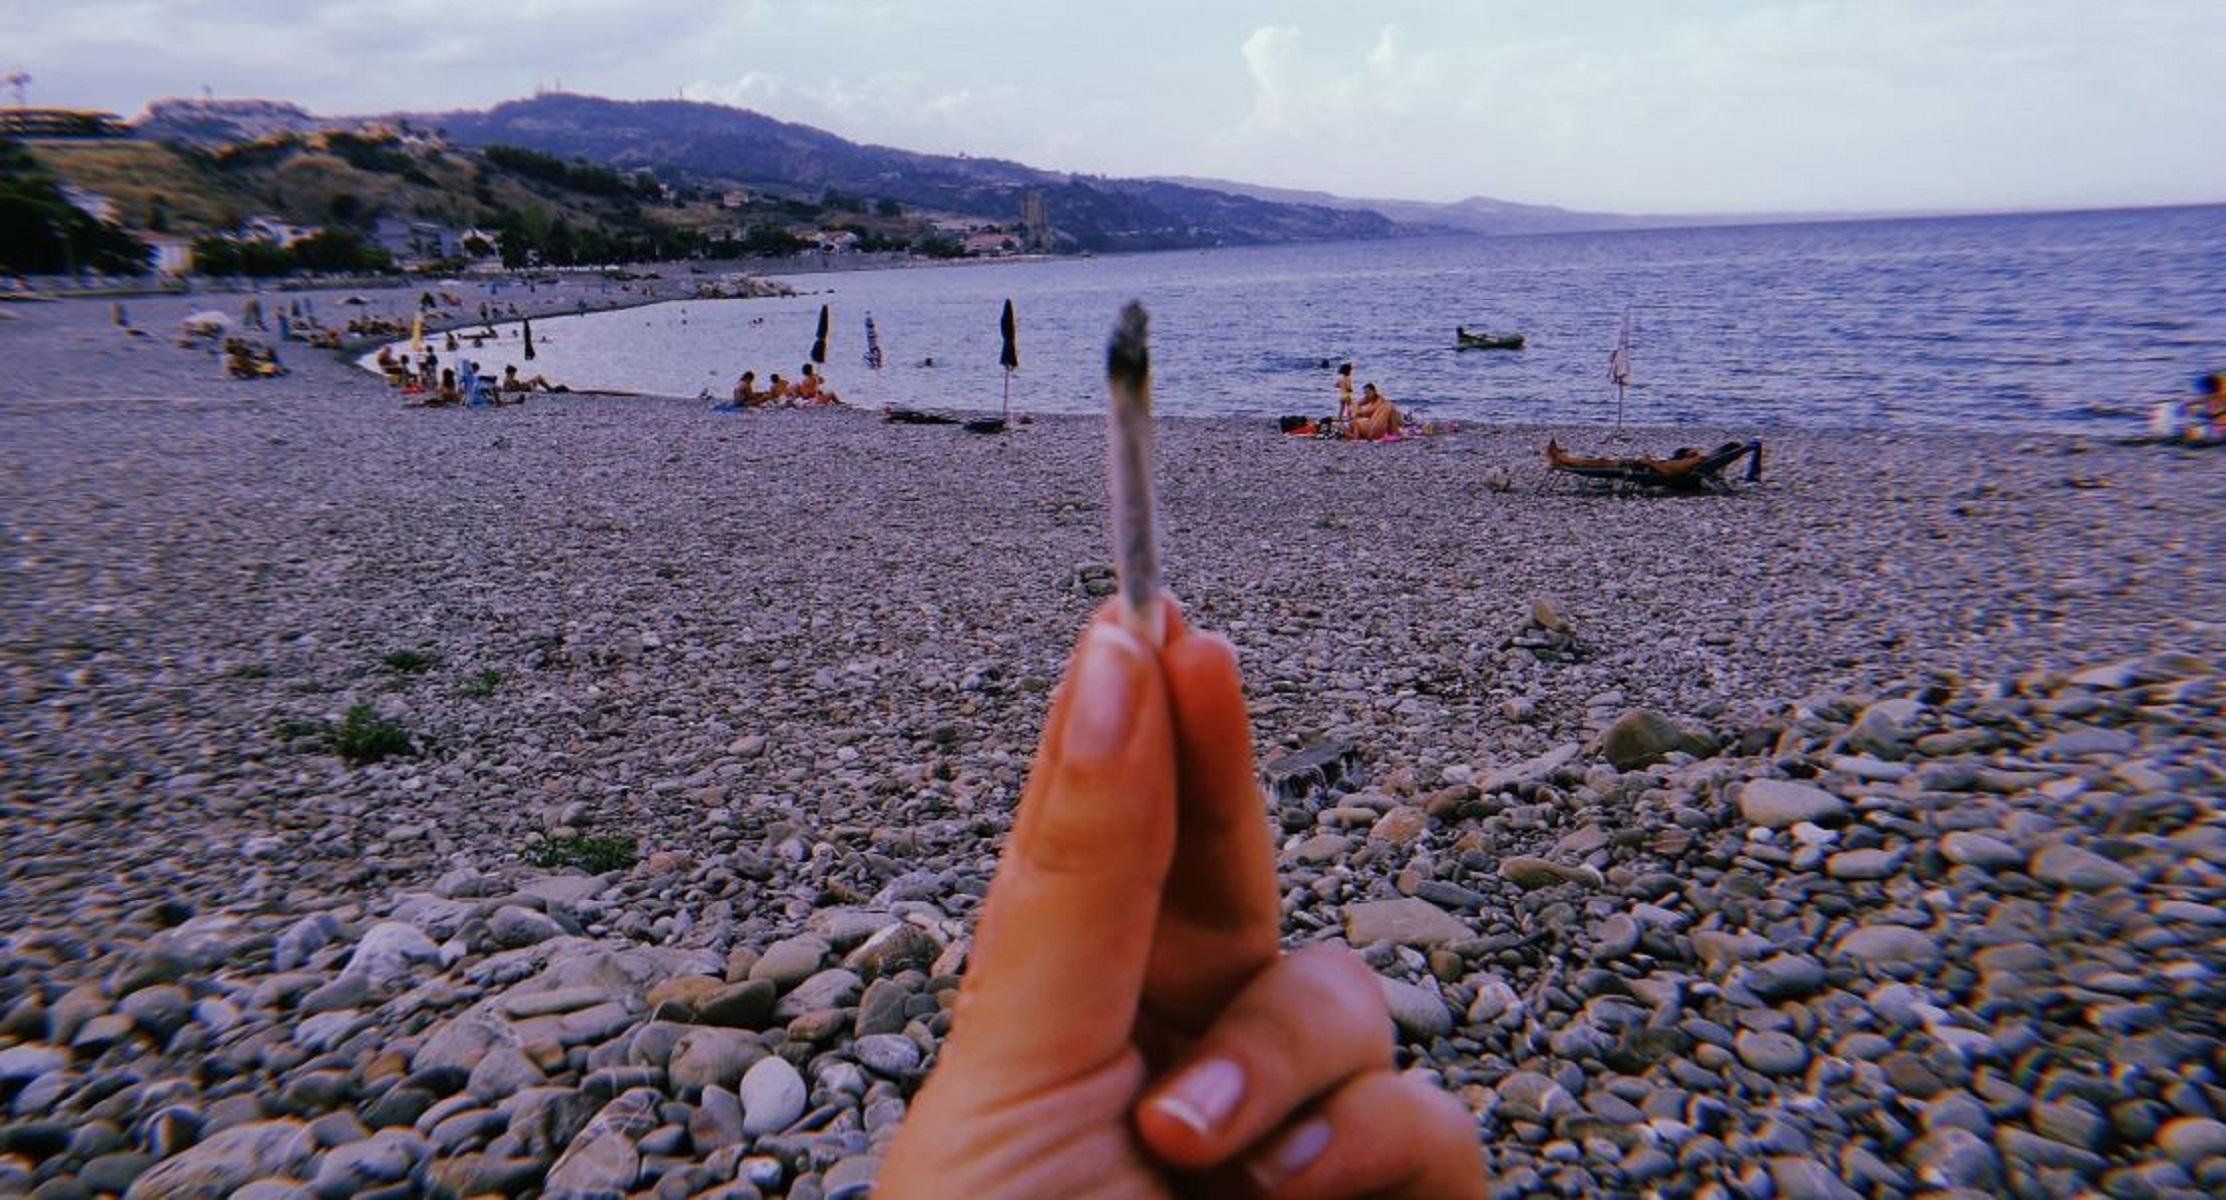 Italia, divieto di fumo in spiaggia: le informazioni utili